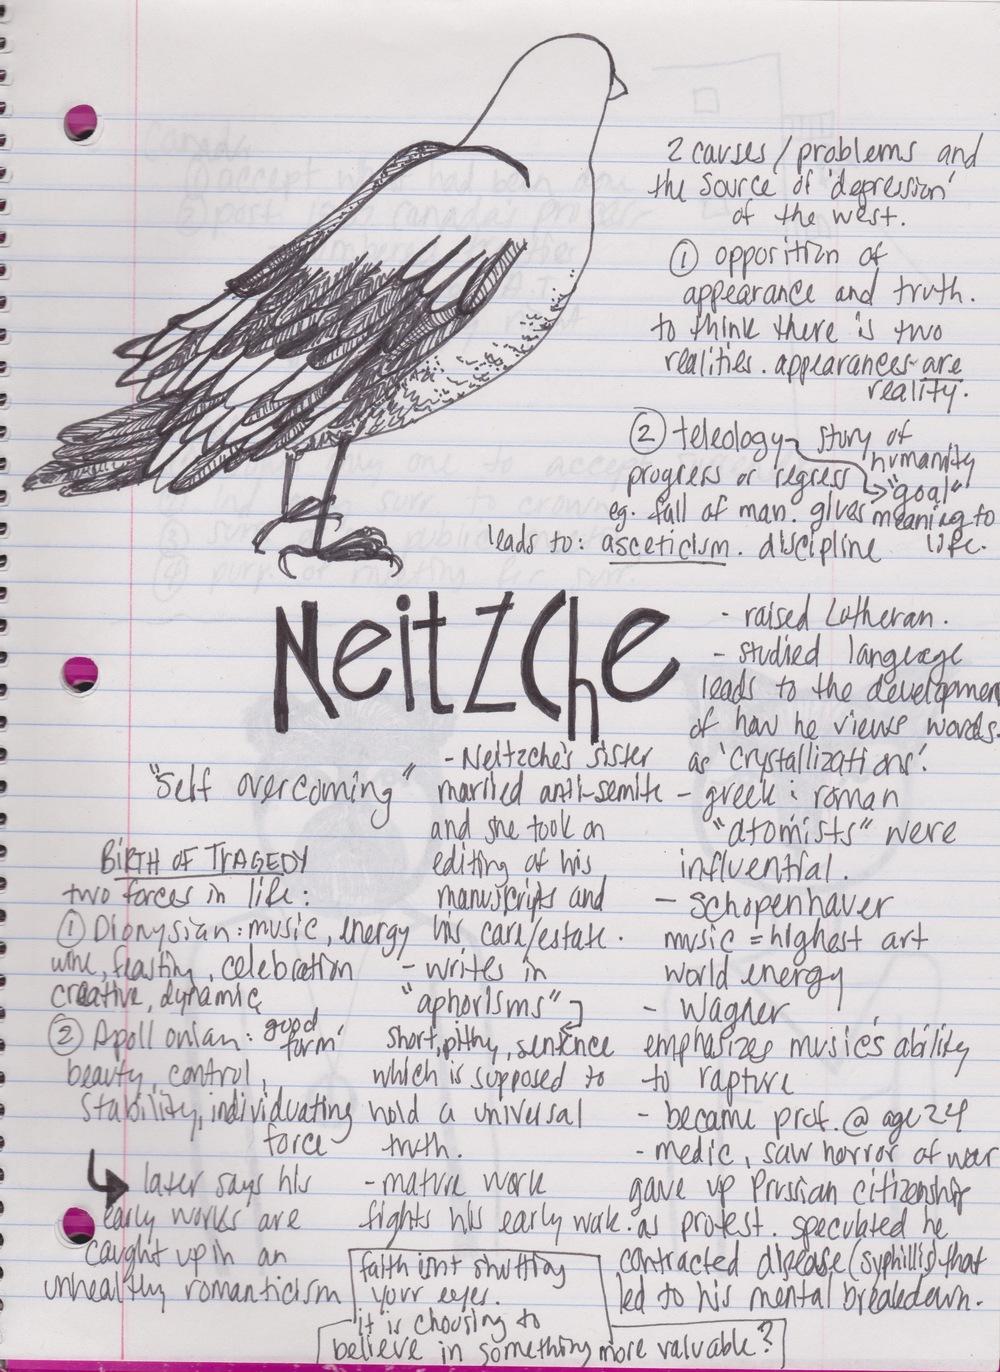 Neitzche notes 1.jpeg